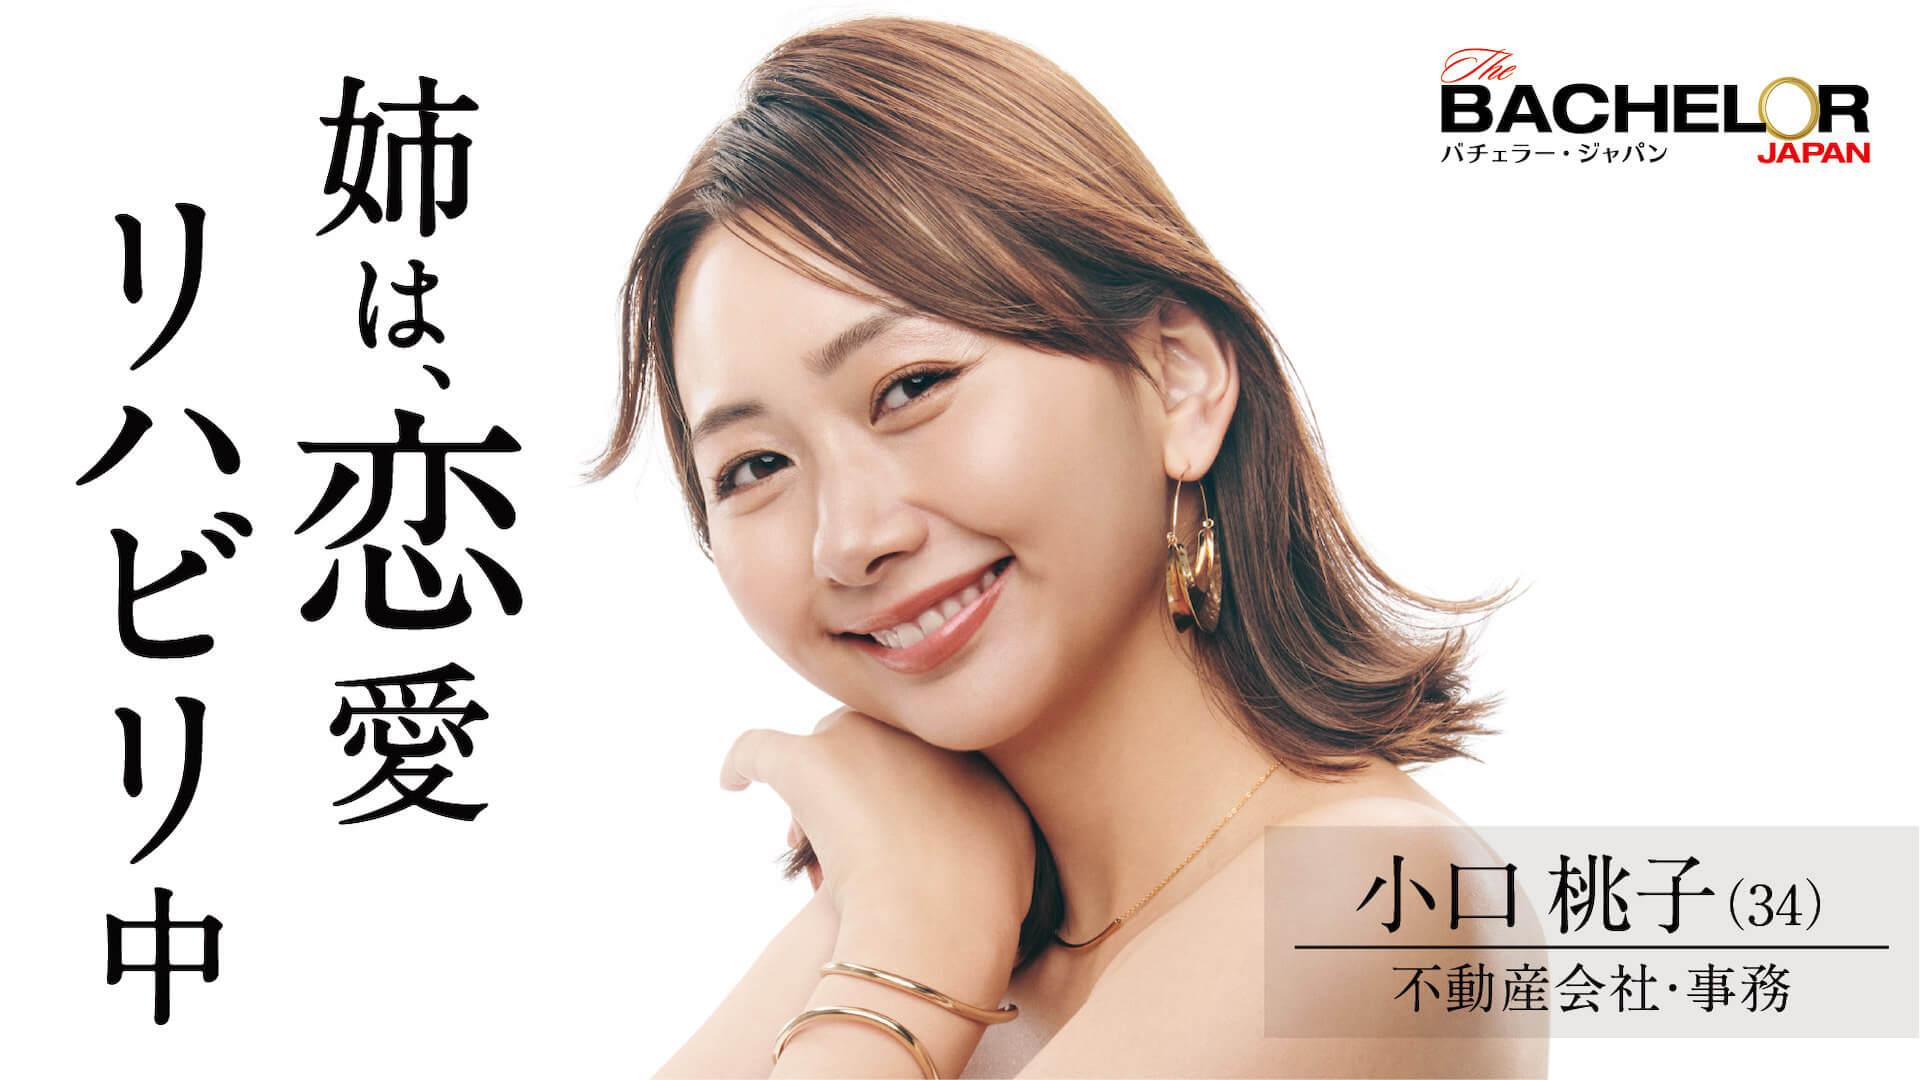 モデル、レディ・ユニバース2020日本代表、医者、経営者など続々登場!『バチェラー・ジャパン』シーズン4の女性参加者15名が一挙発表 art211007_bacelorjapan_11